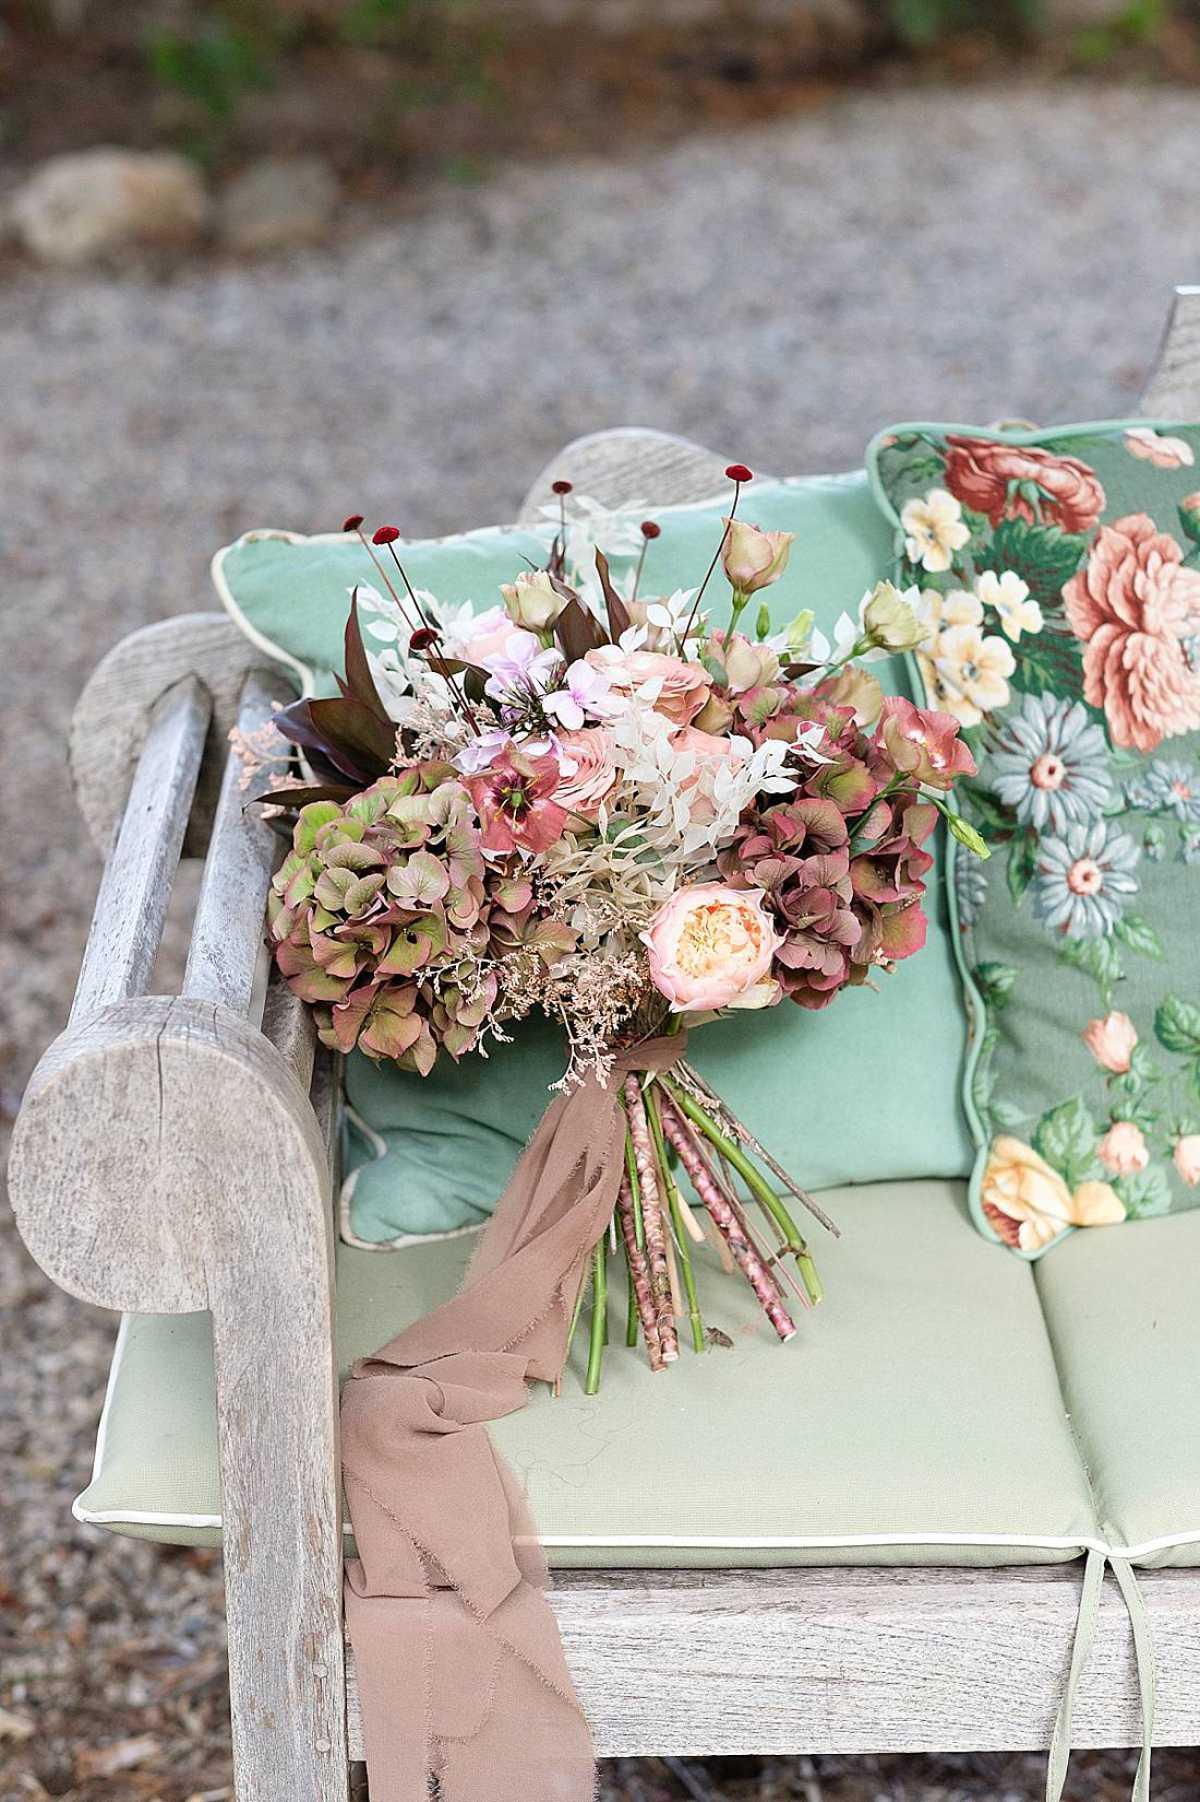 Bouquet primaverile composto da fiori delicati a Villa dei Cipressi